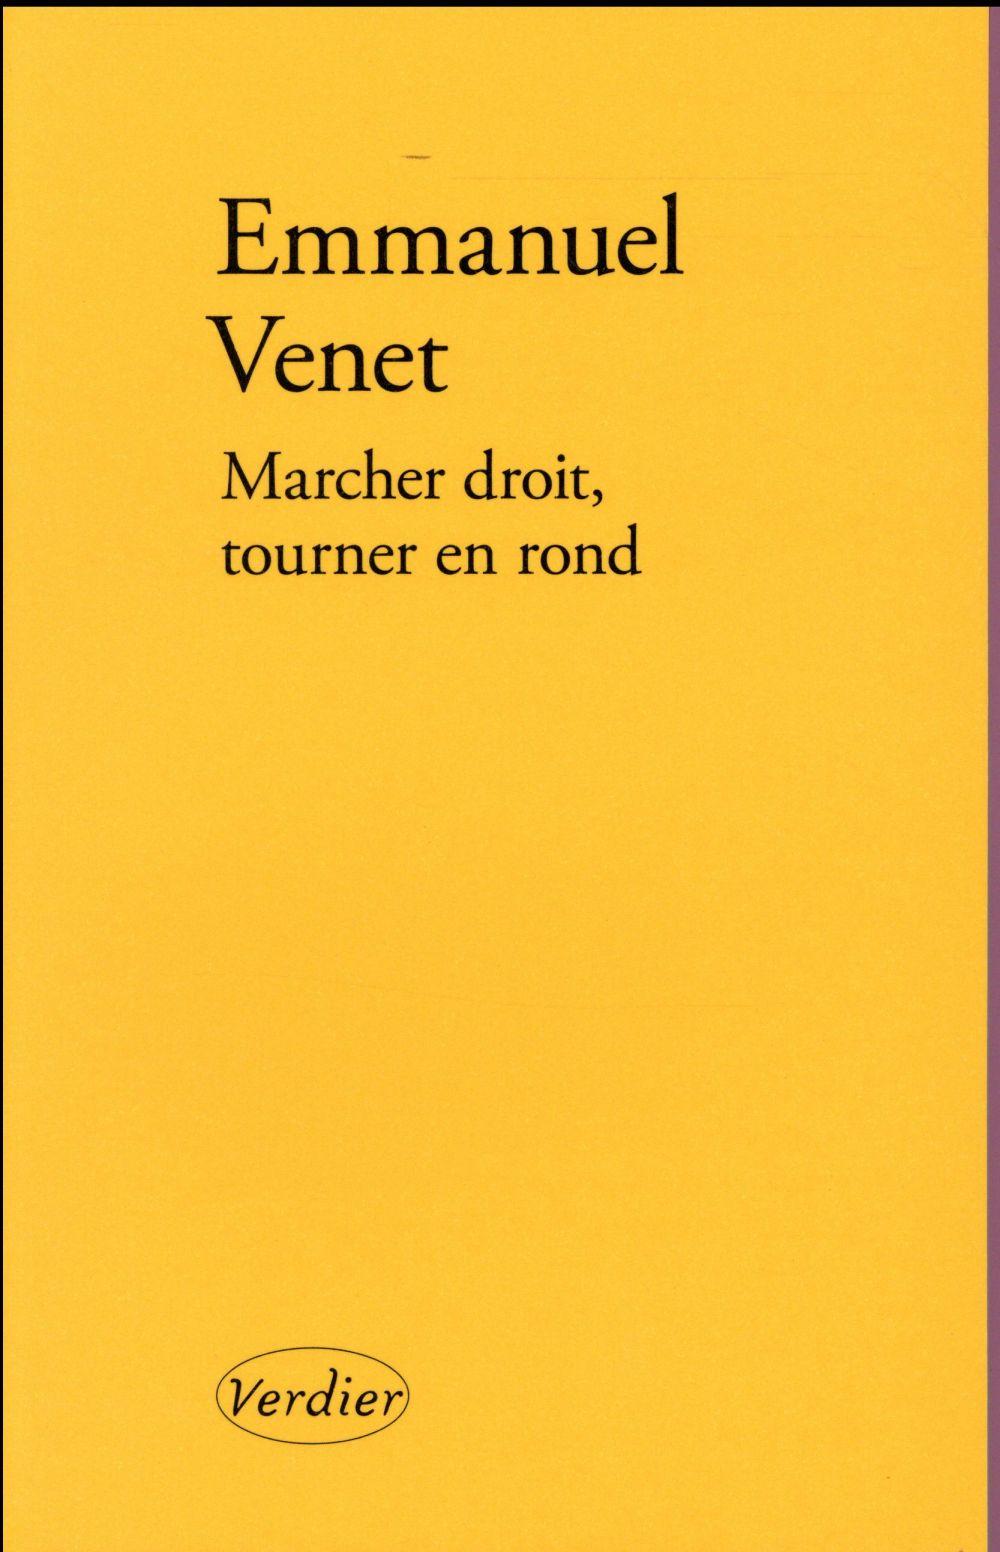 """La critique des lecteurs pour """"Marcher droit, tourner en rond"""" Emmanuel Venet"""